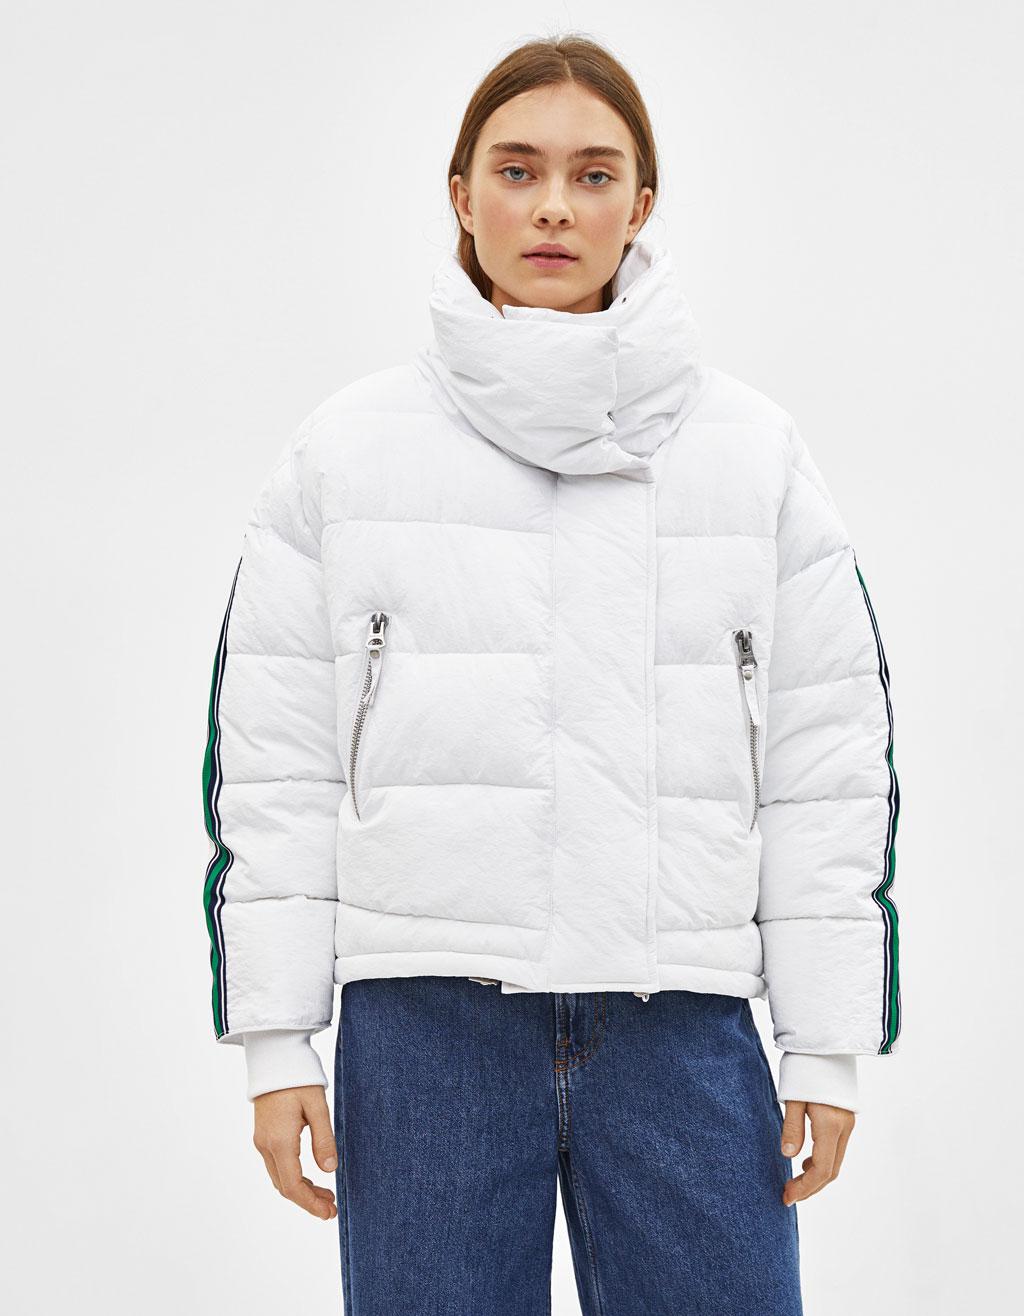 828a2e4878c Outerwear Jordan Denim Puffer Jacket